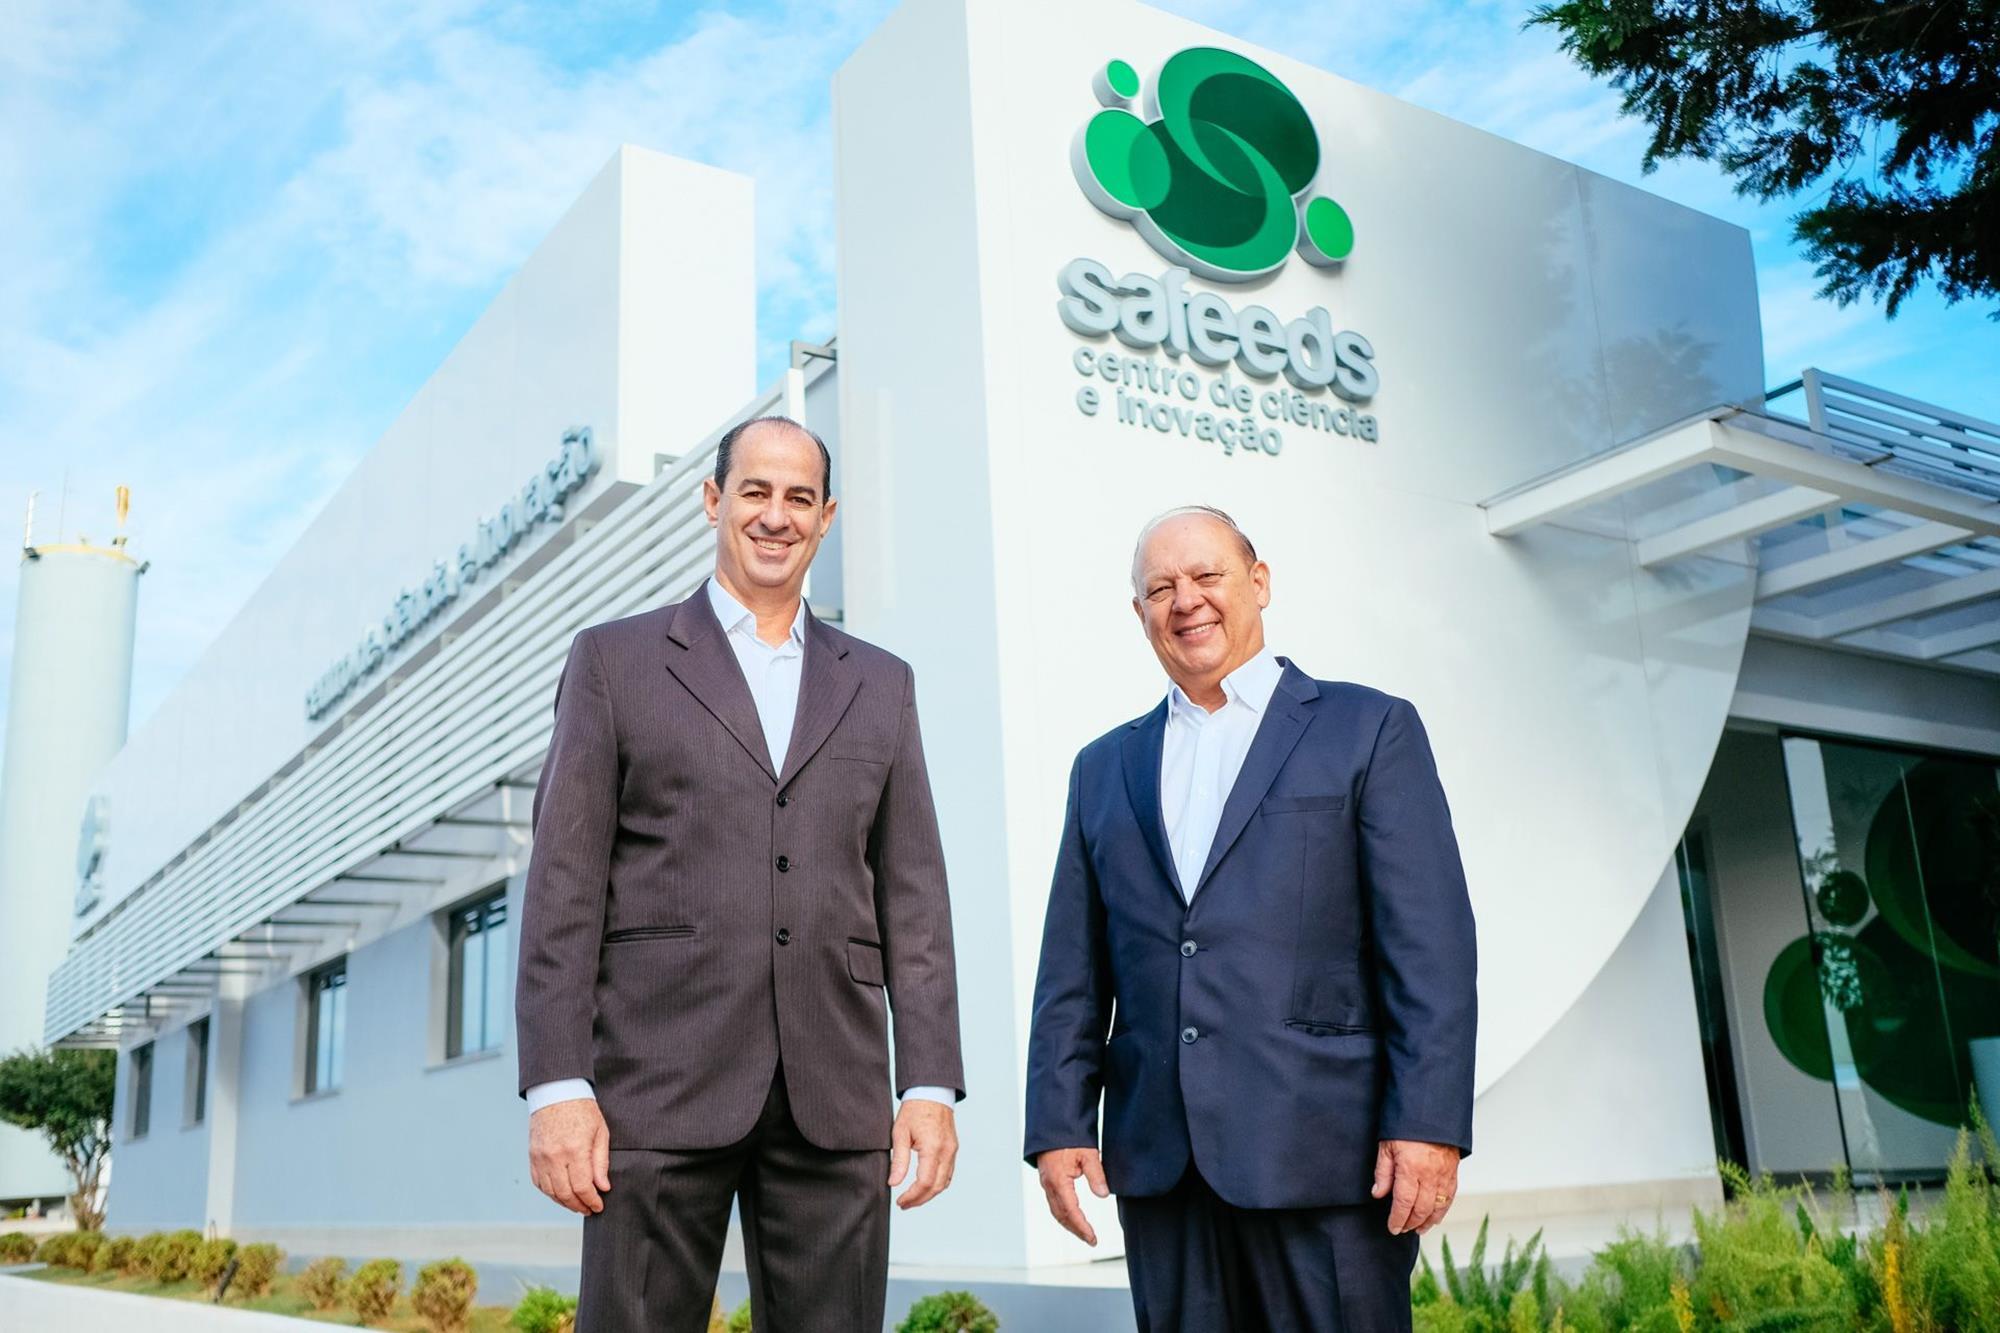 Centro de Ciência e Inovação da Safeeds agrega alta tecnologia e profissionais capacitados, Centro de Ciência e Inovação da Safeeds agrega alta tecnologia e profissionais capacitados